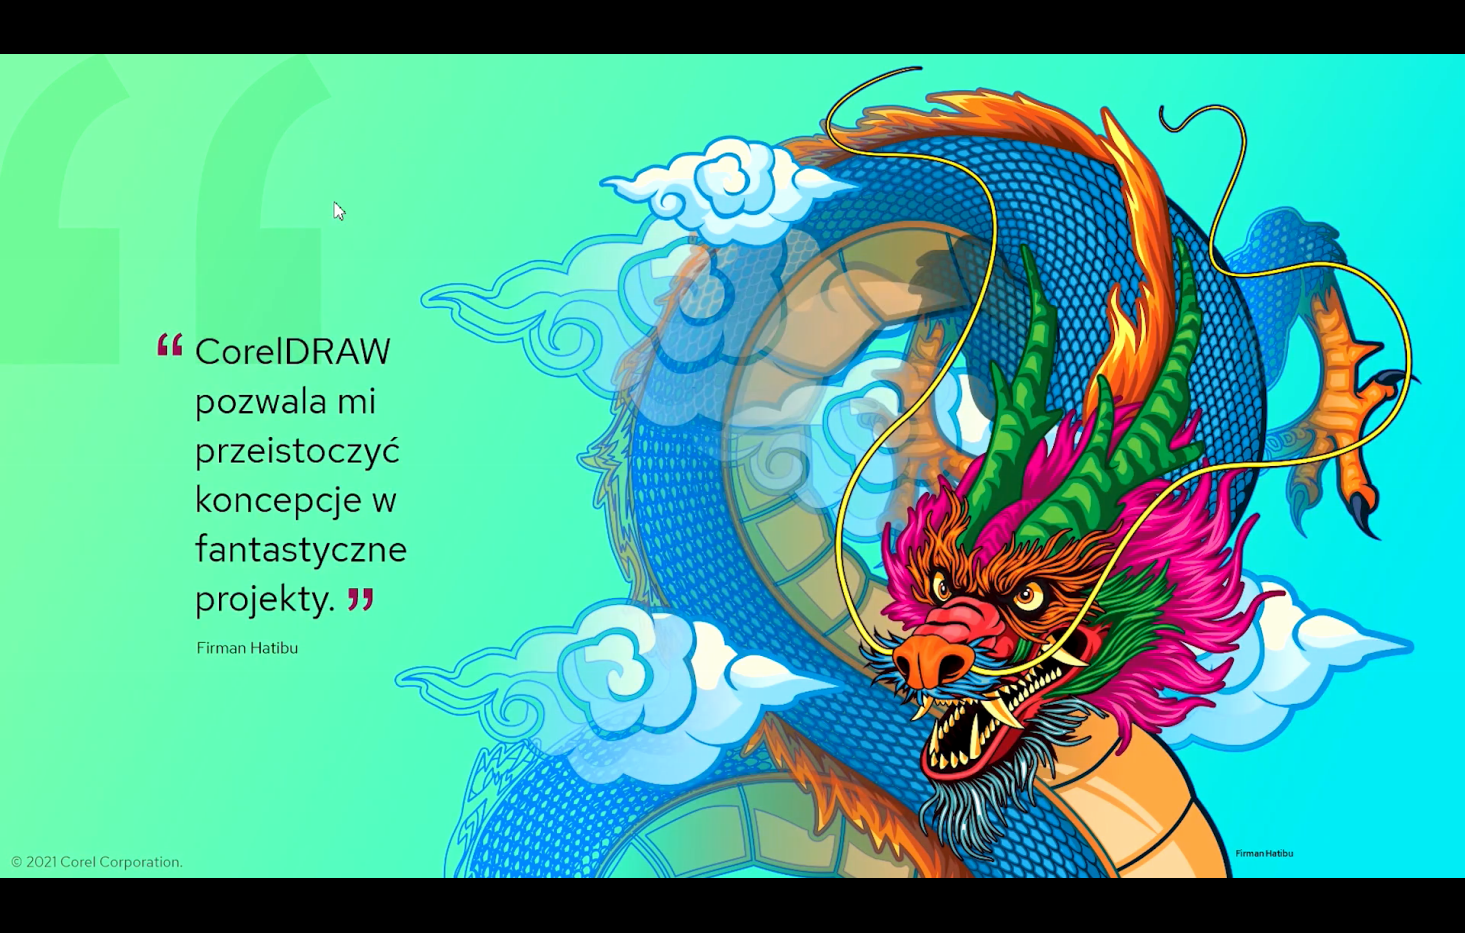 coreldraw-graphics-suite-2021-latwiejsza-wspolpraca-wieksza-wydajnosc-grafika-tytul